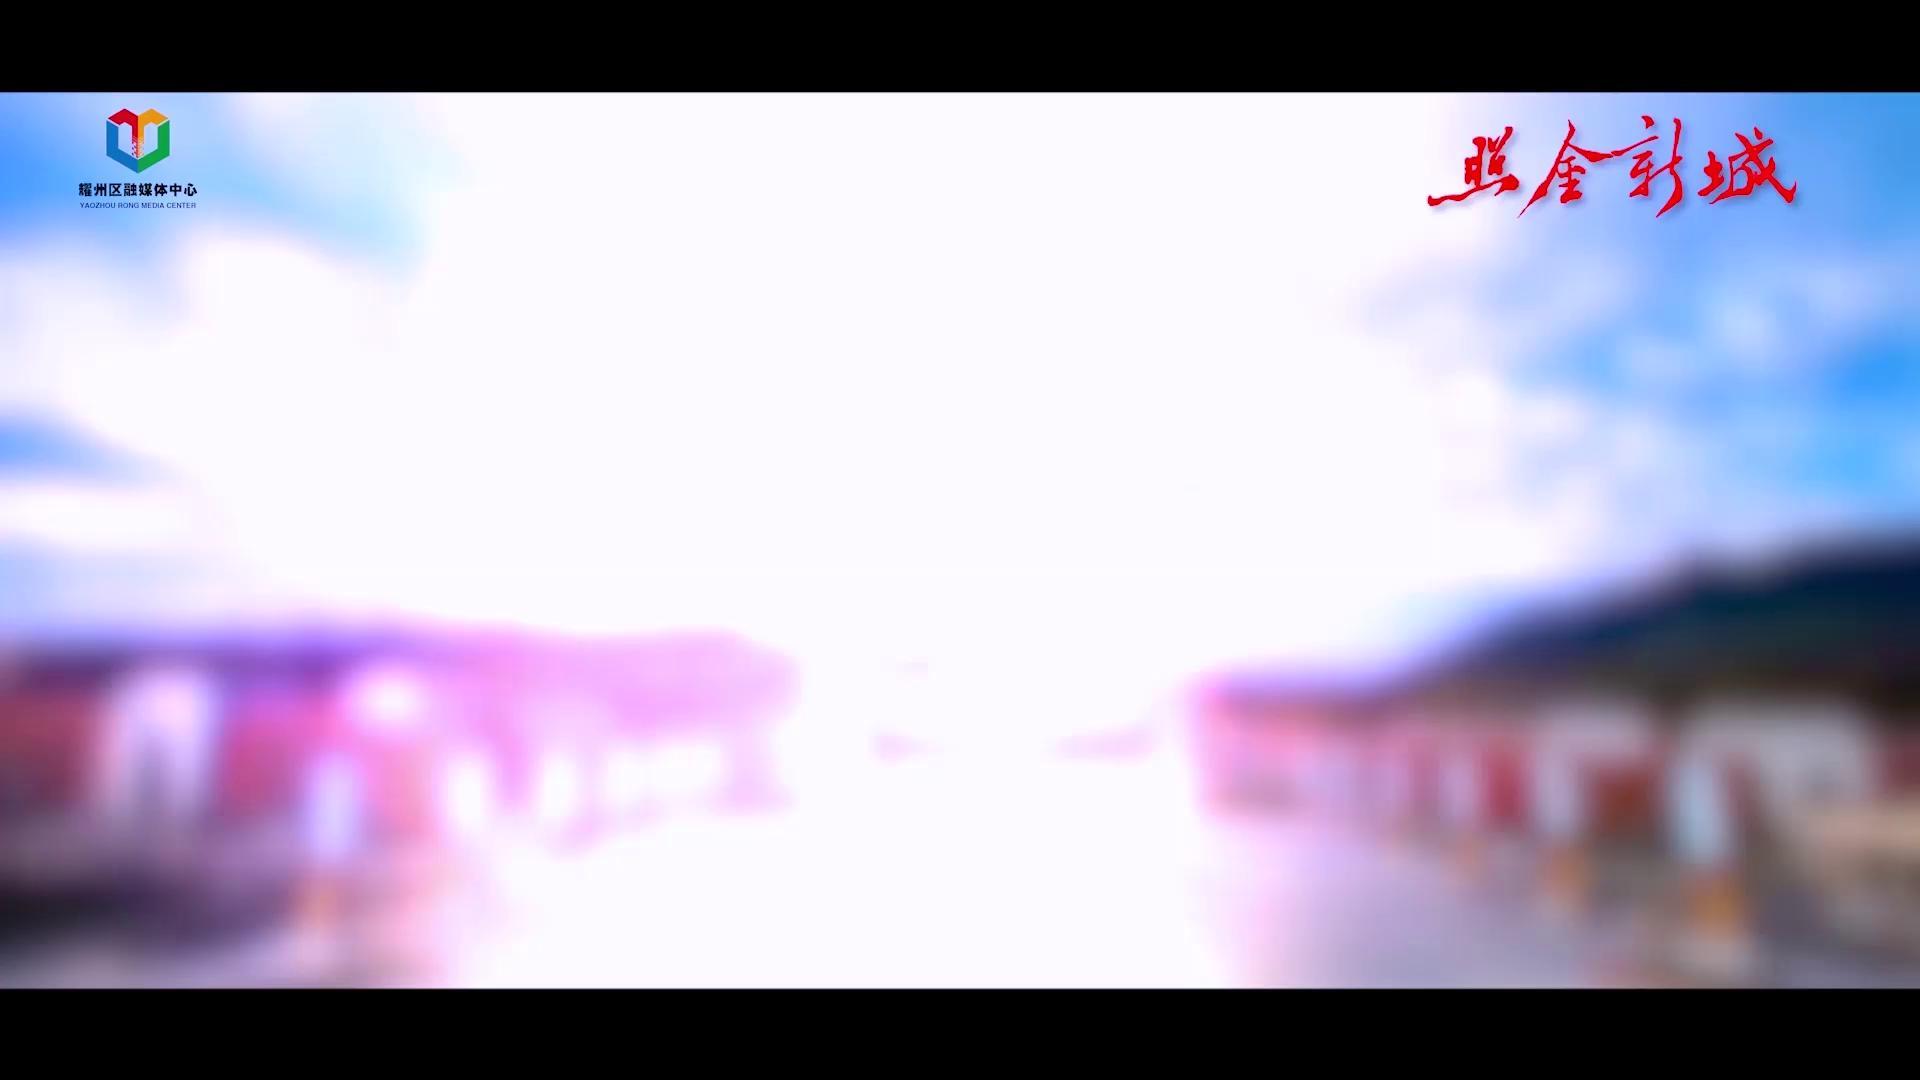 銅川耀州區融媒體中心:照金脫貧了